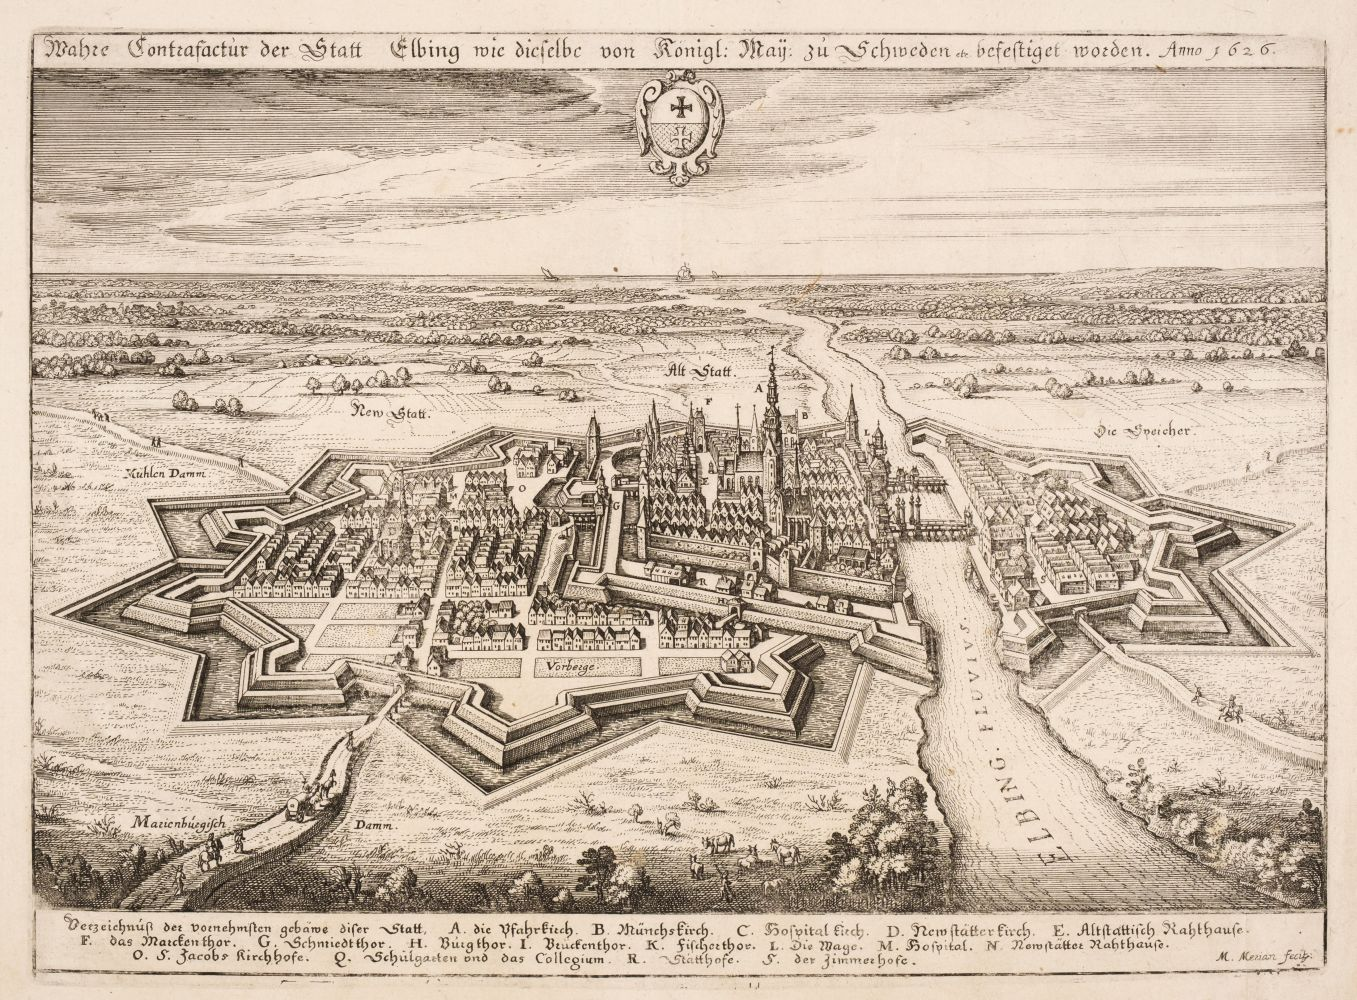 Poland. Merian (Matthaus), Wahre Contrafactur der Statt Elbing..., circa 1640